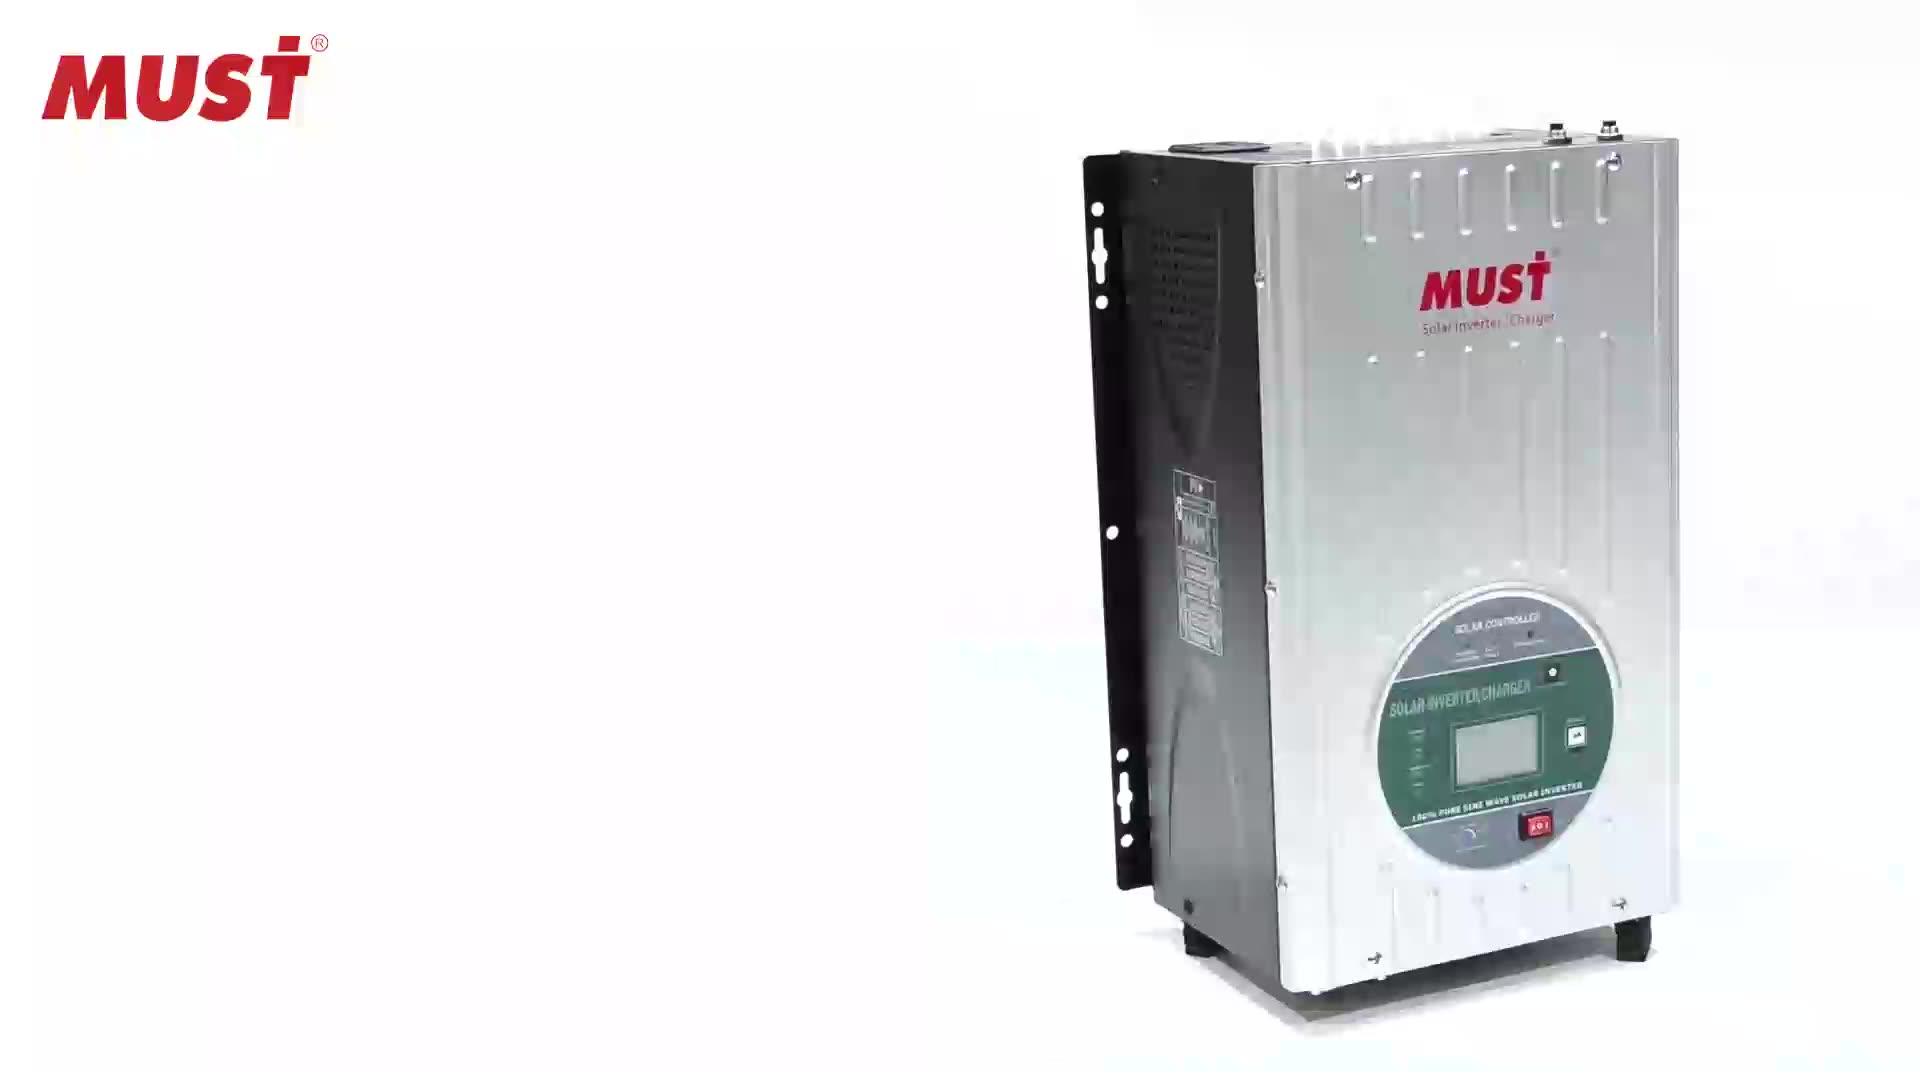 Inverter Daya Gelombang Sinus Murni Off Grid, Inverter Daya 12V 220V 1KW 3KW 5KW 6KW 8KW 10KW